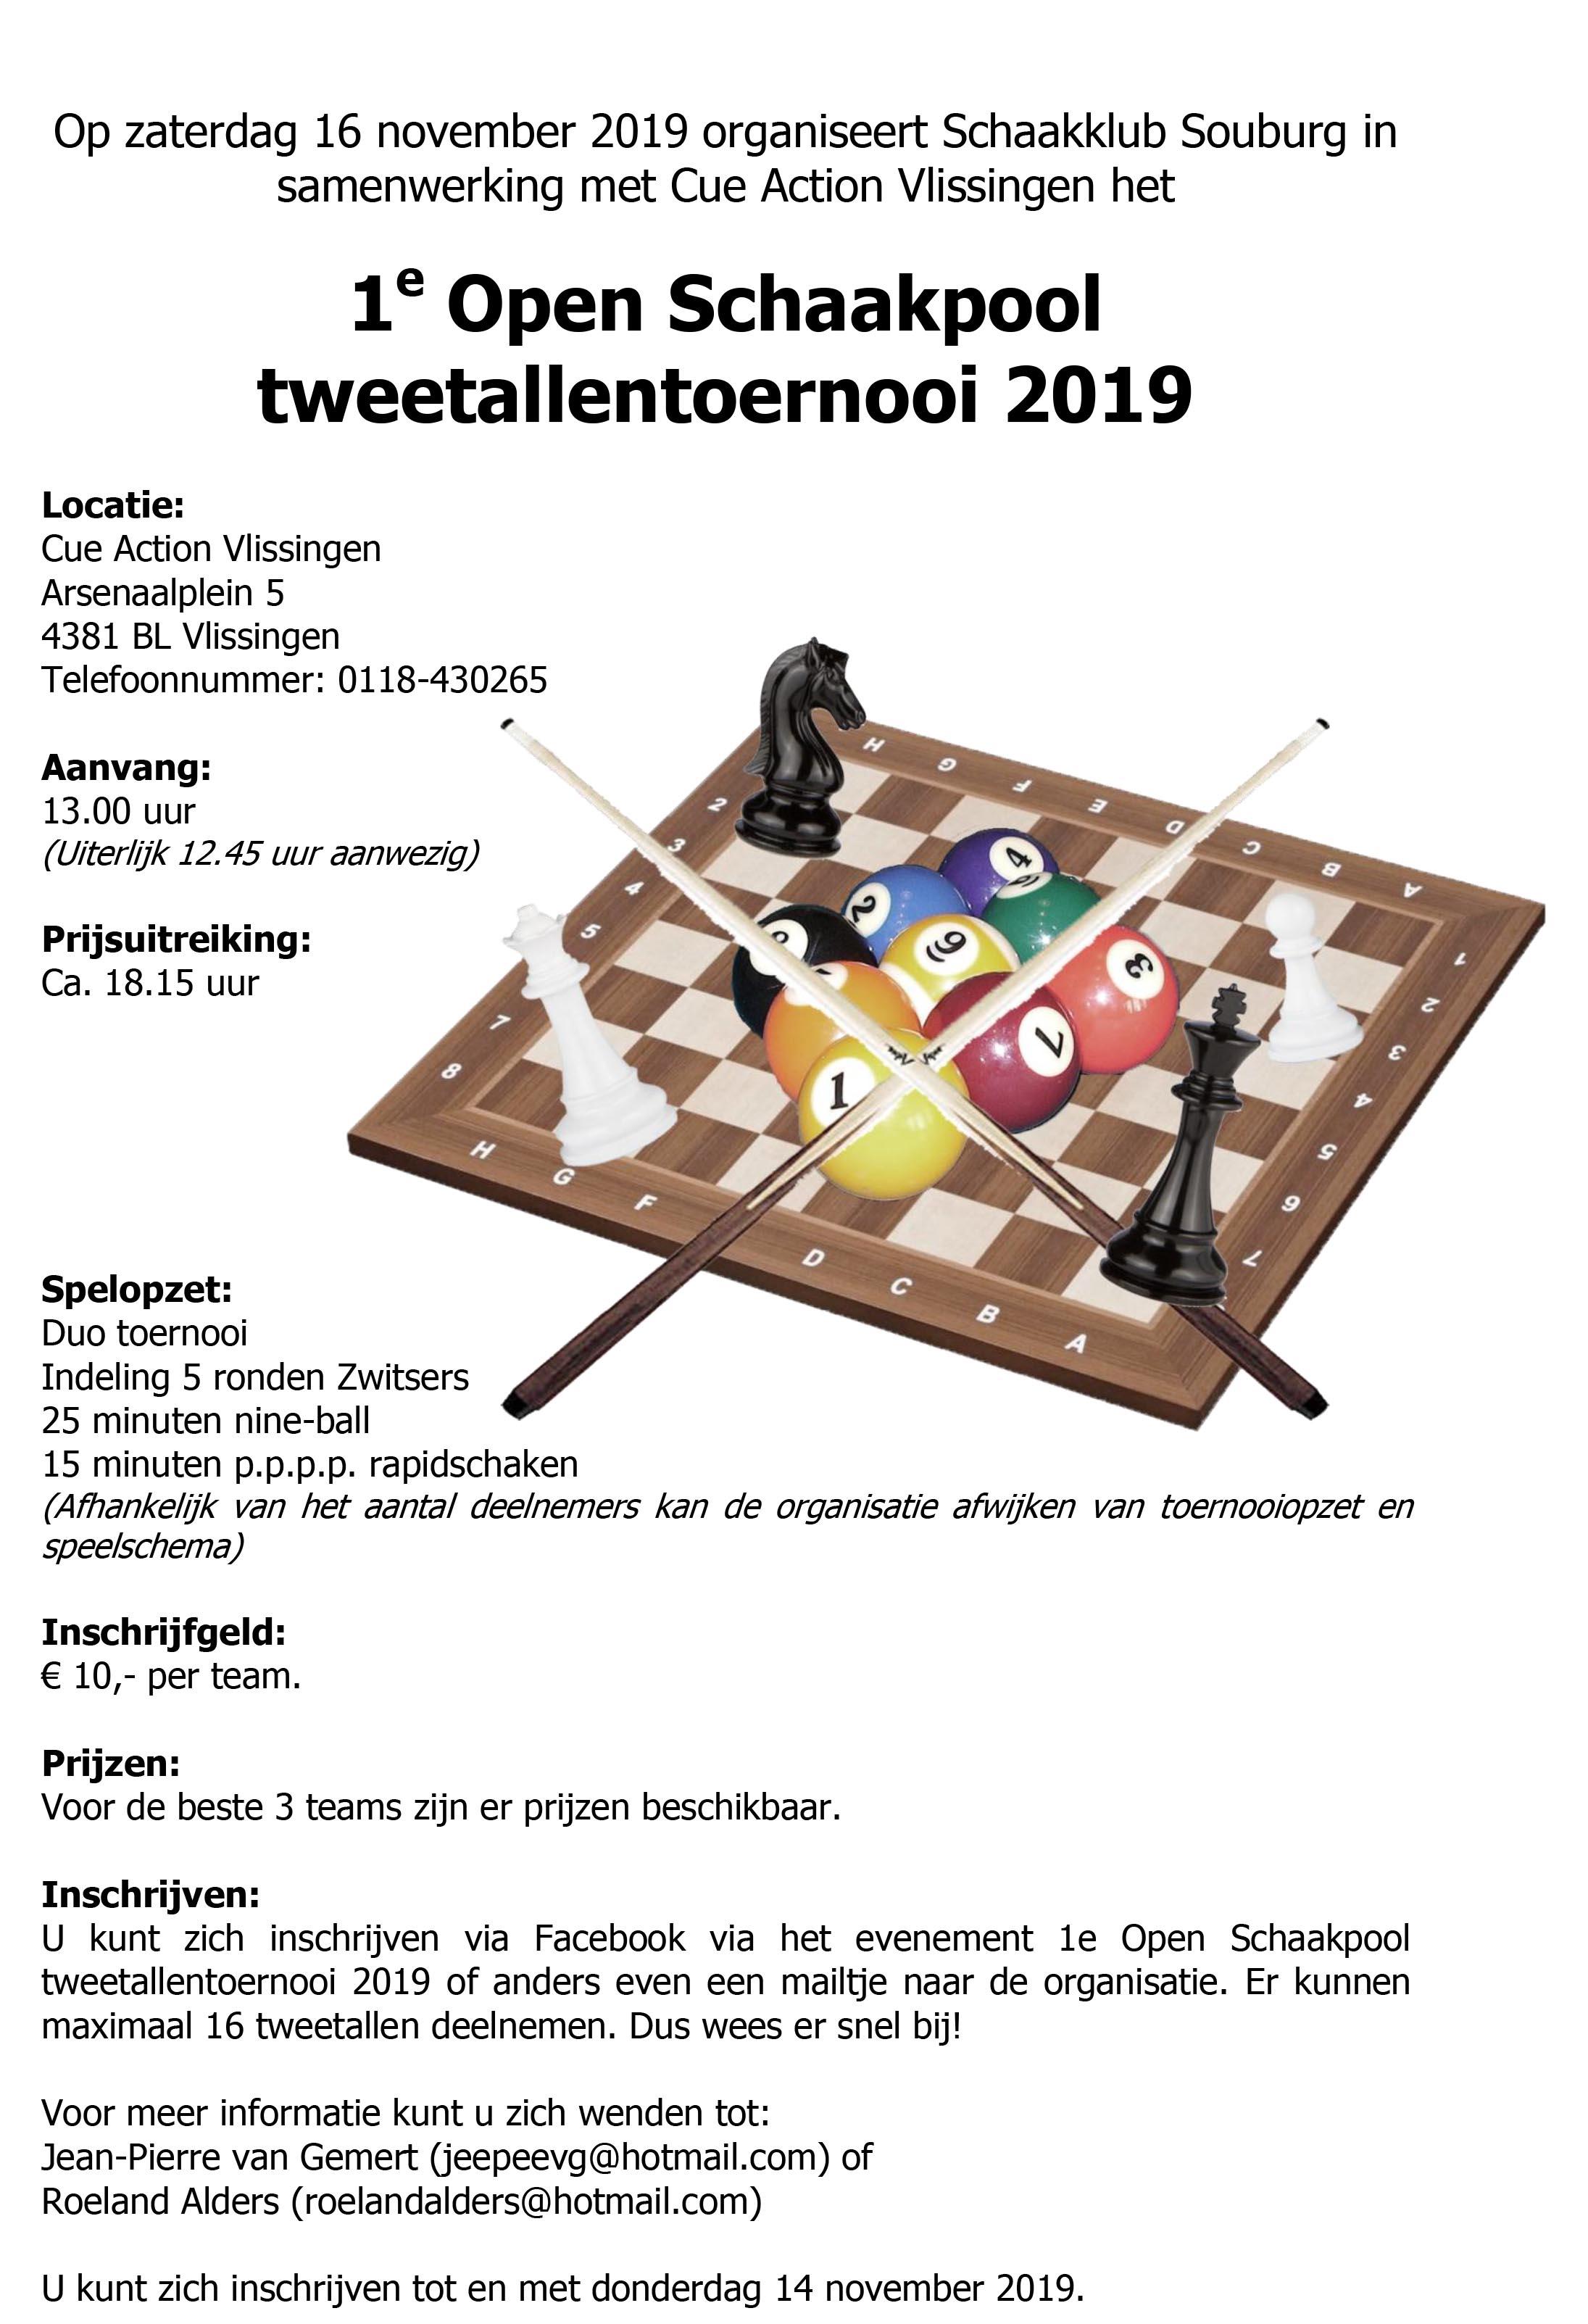 Uitnodiging Schaakpooltoernooi 2019